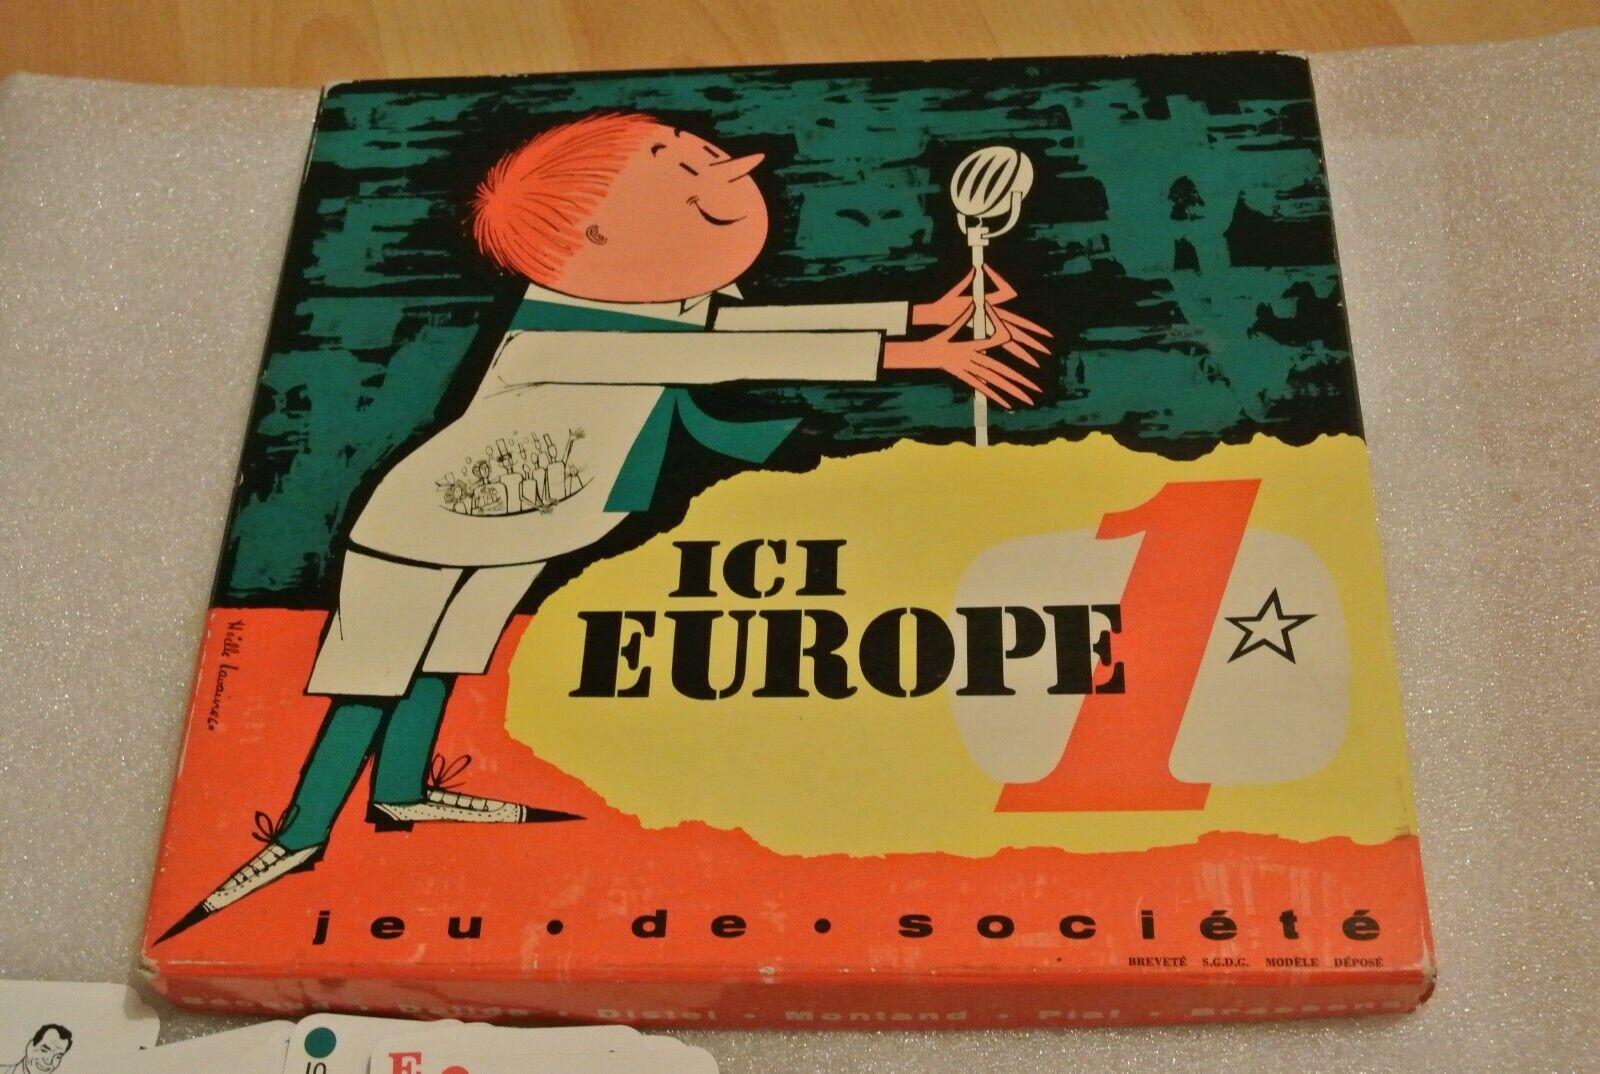 Ici Europe 1 - Jeu de société des célébrités , (Type Salut les Copains,1960)